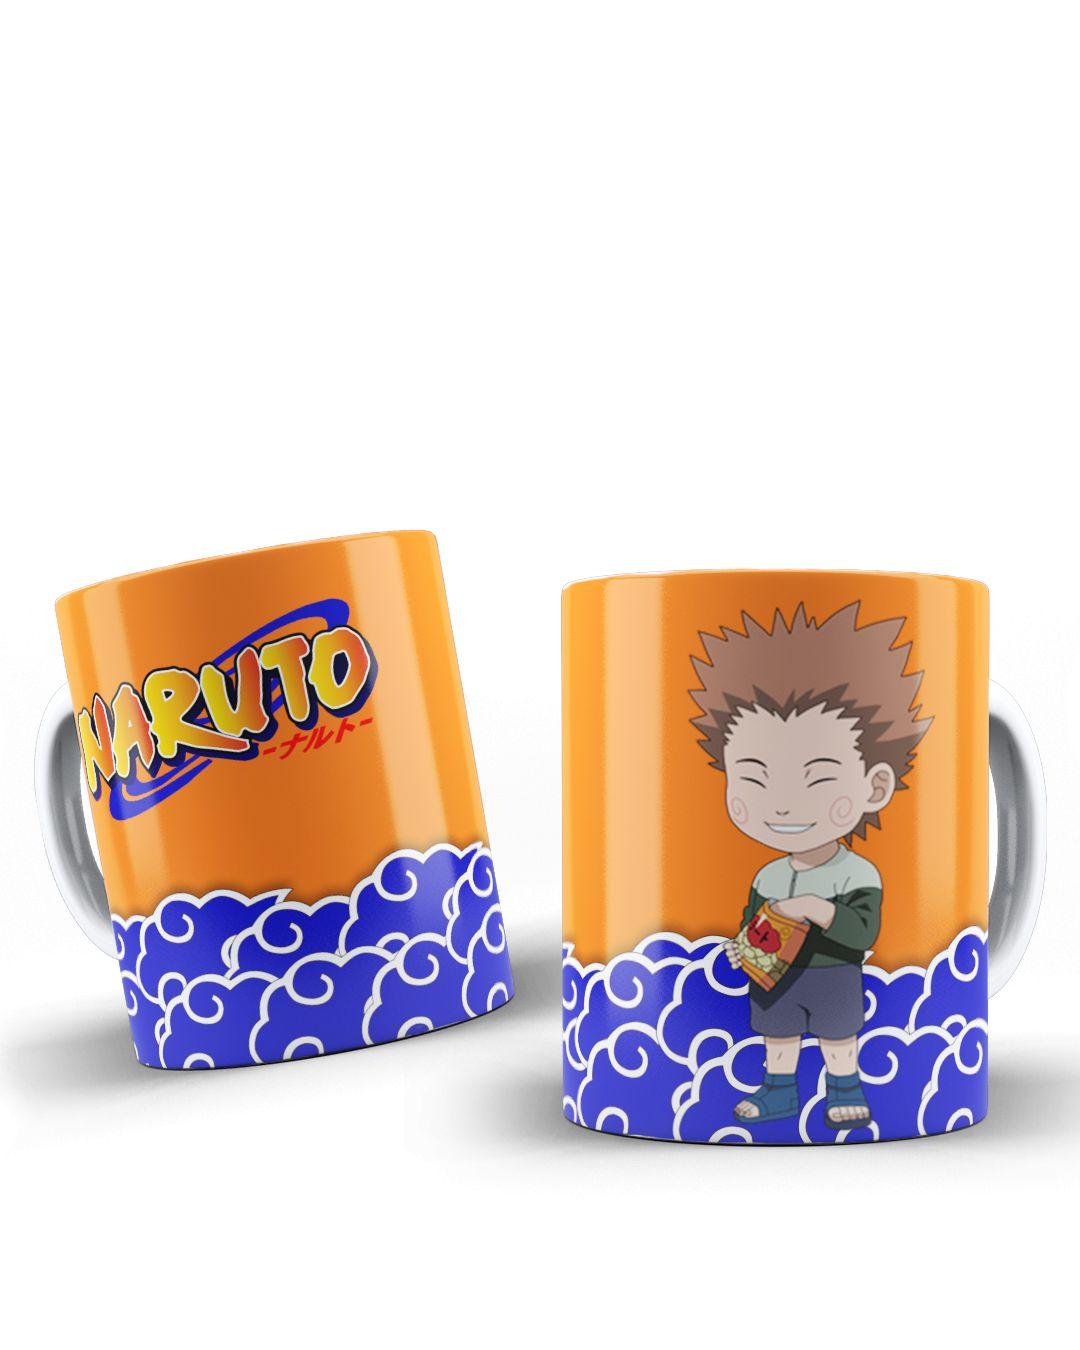 Taza Naruto Choji (179)